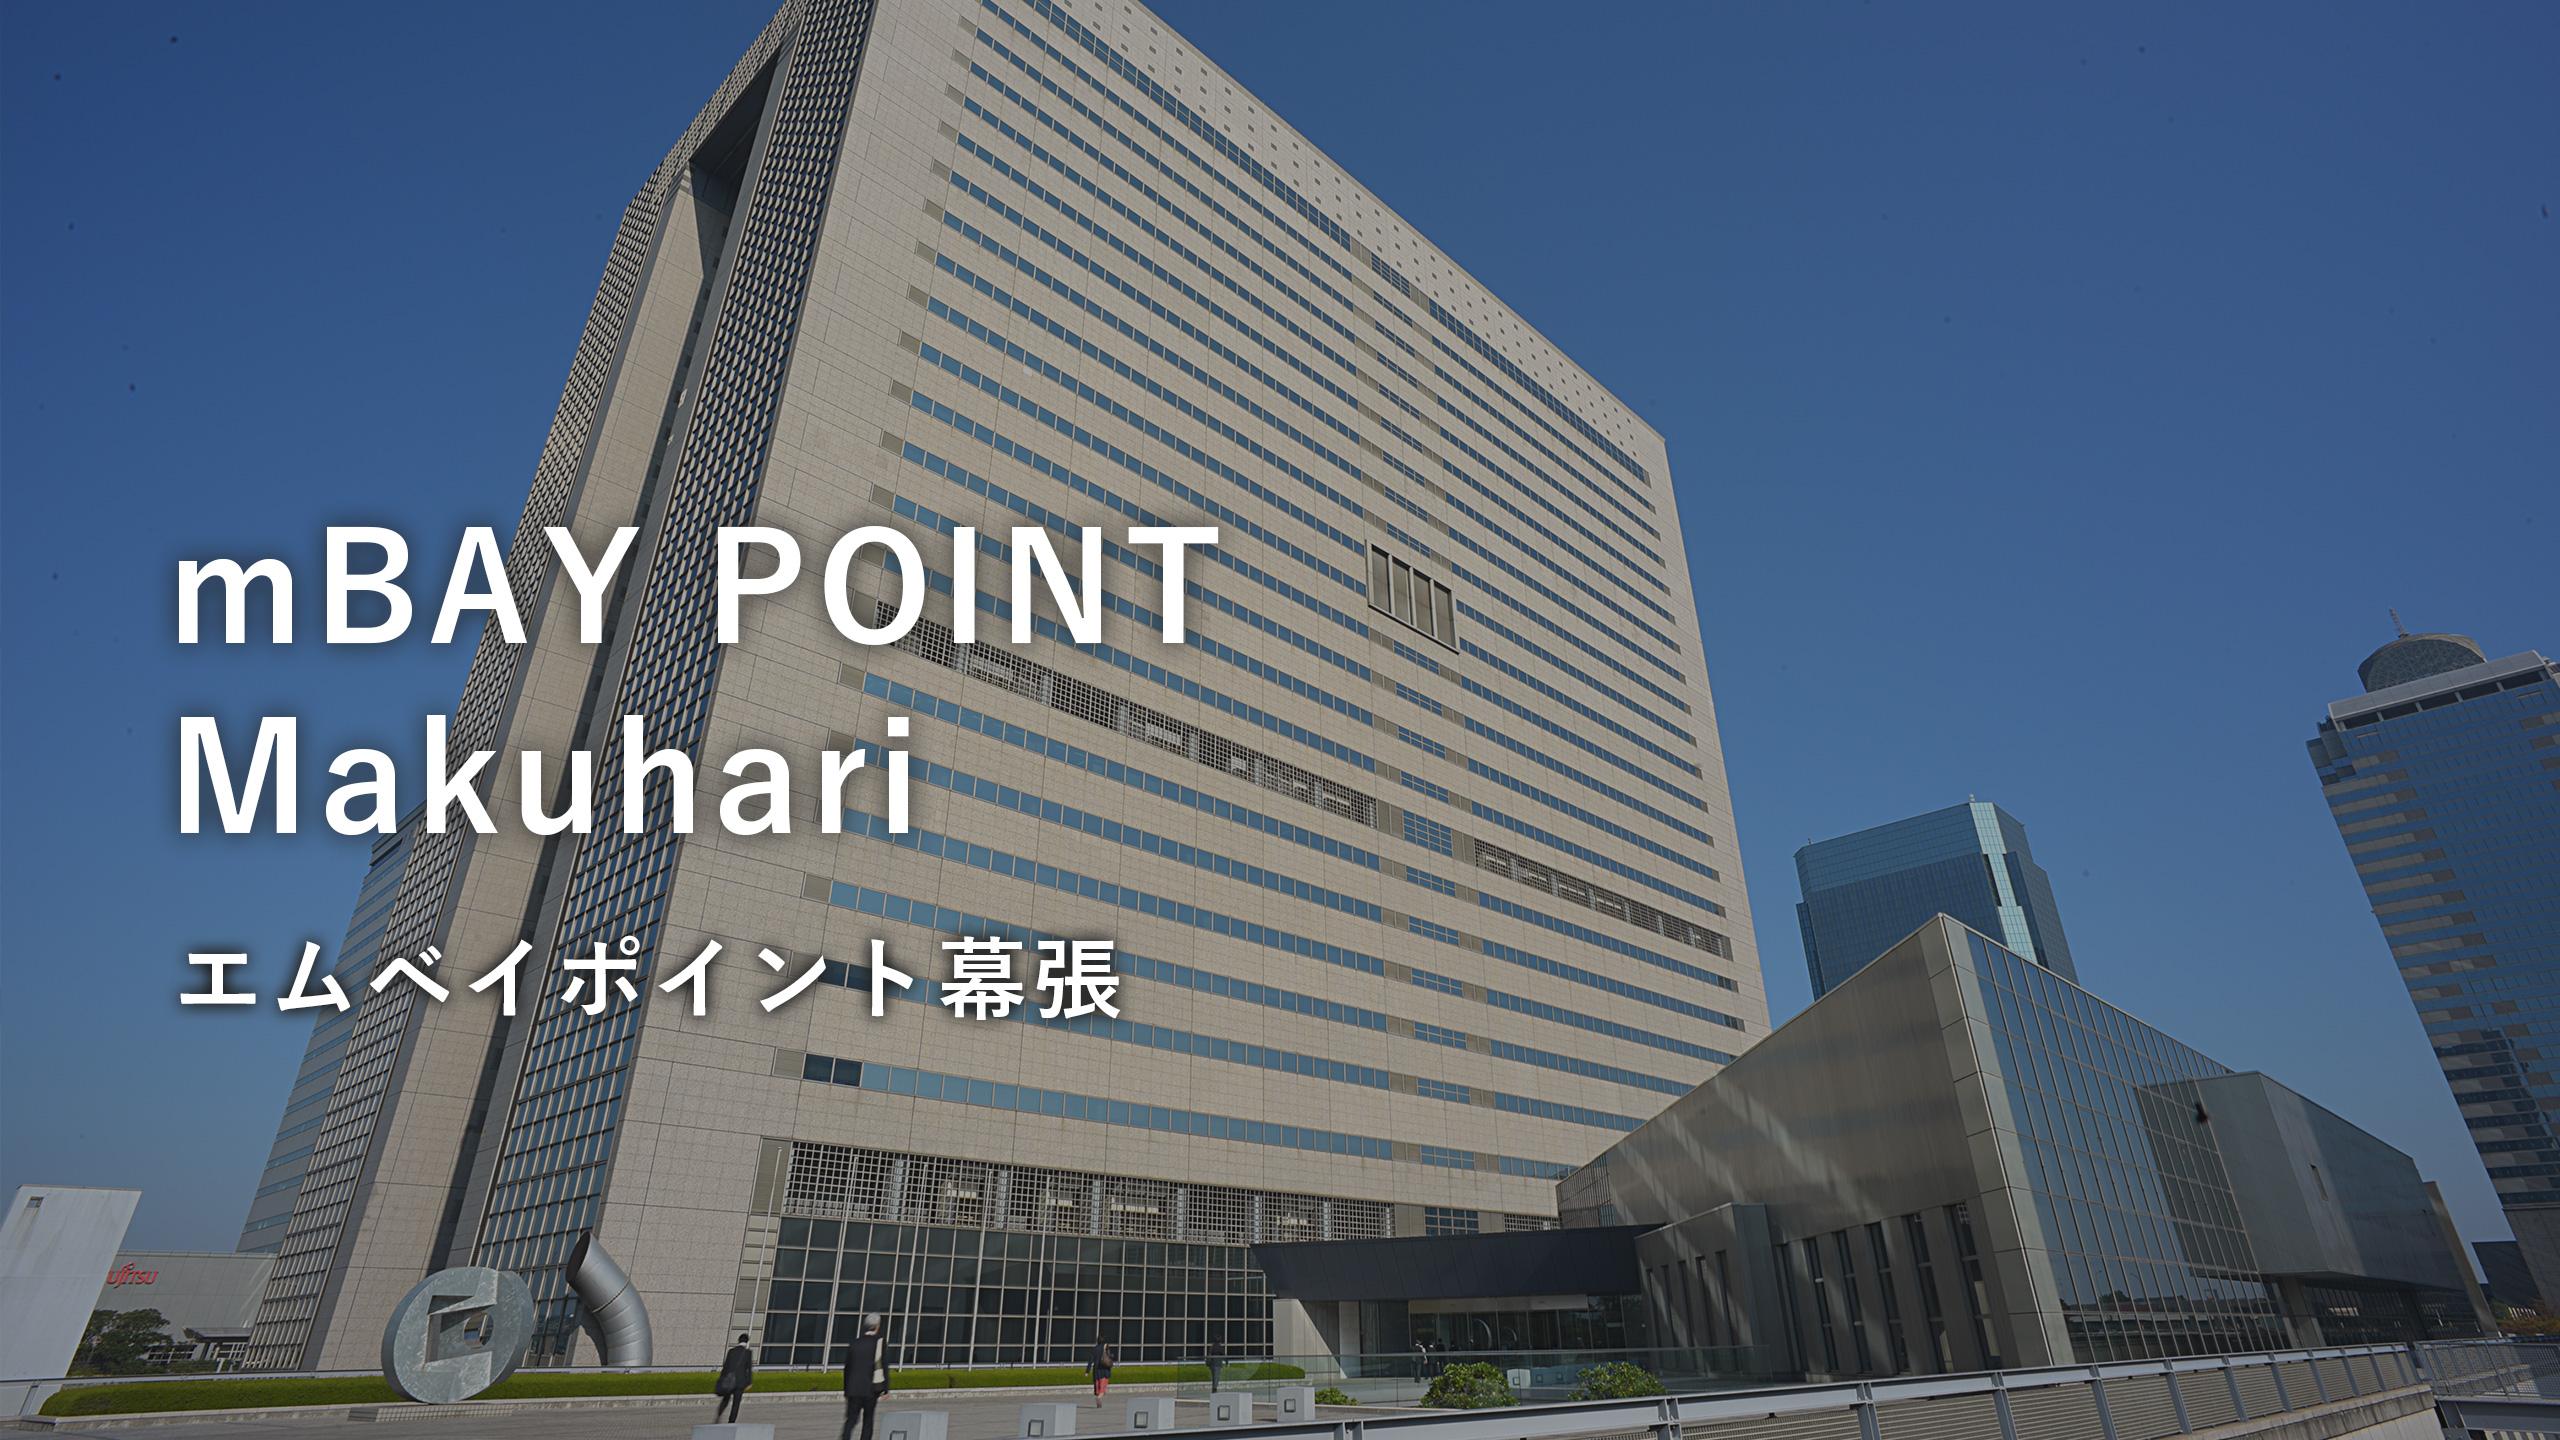 m BAY POINT MAKUHARI エムベイポイント幕張01